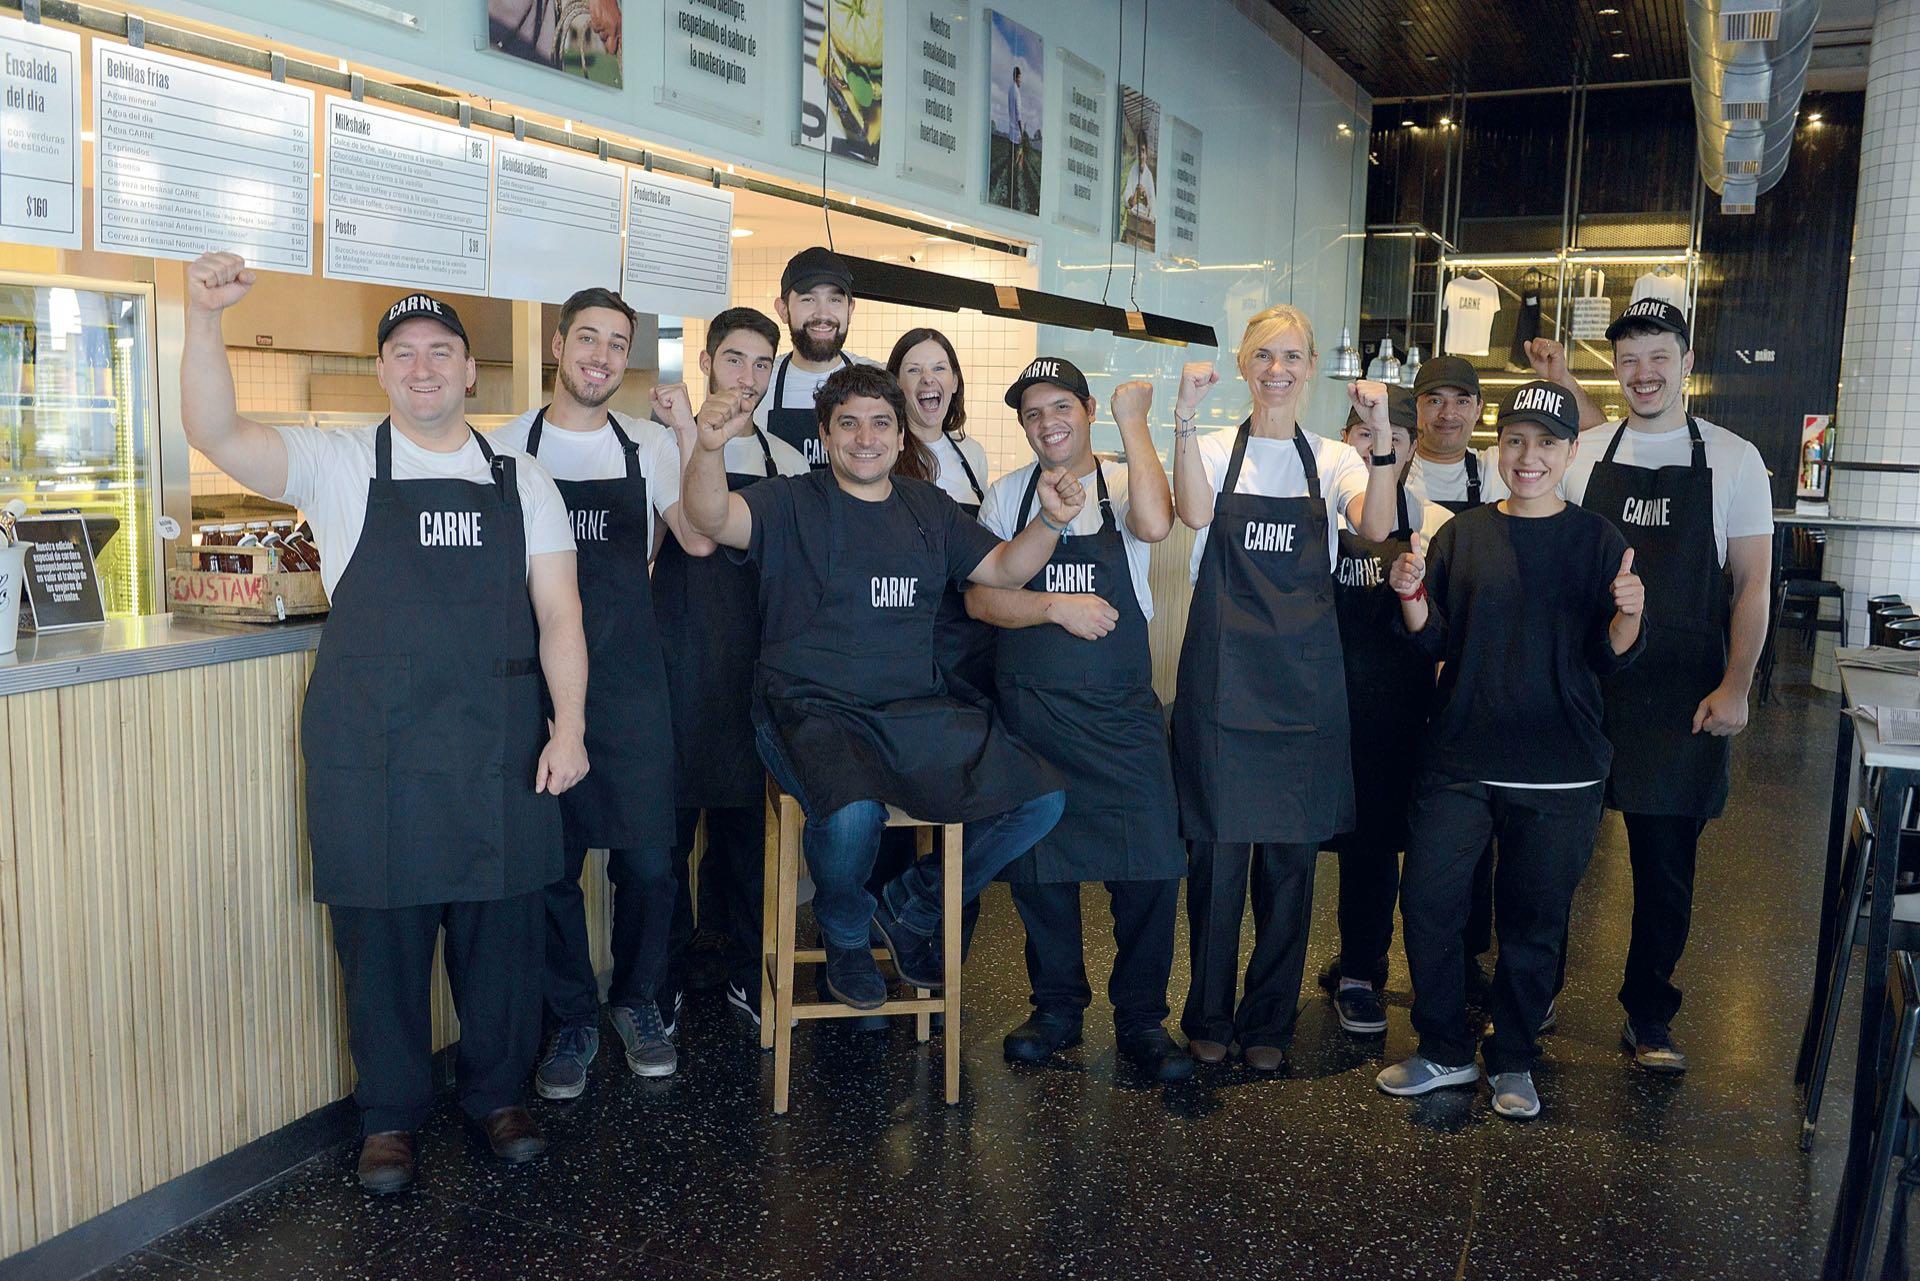 Mauro en Carne Olivos, el proyecto de hamburguesería gourmet –con locales también en La Plata y San Telmo– con el que desembarcó en la Argentina hace dos años. (Fotos: Christian Beliera y Maximiliano Vernazza/GENTE)